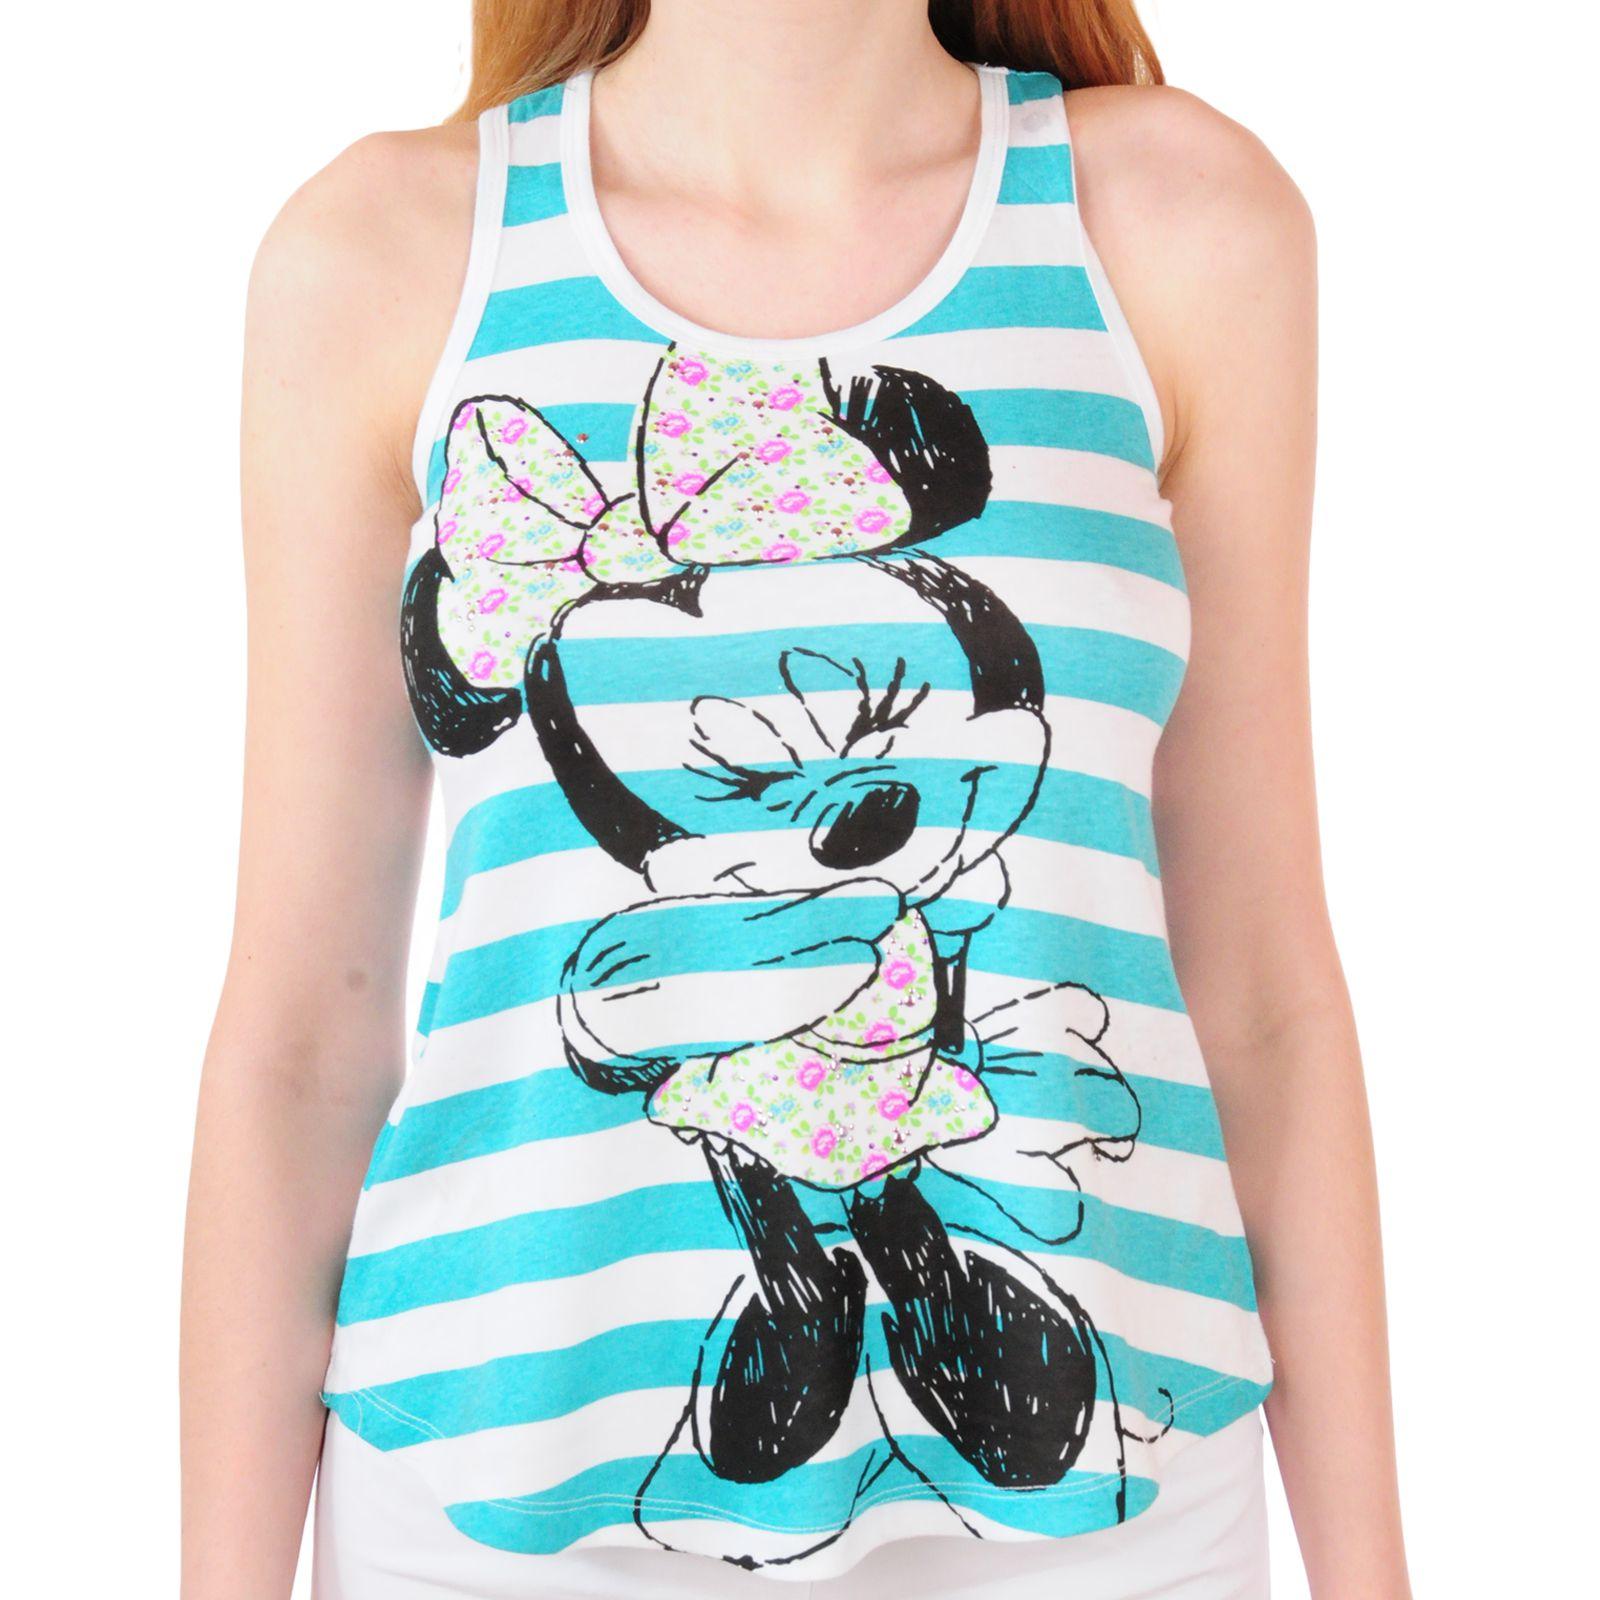 Забавная майка Disney Store для девушек